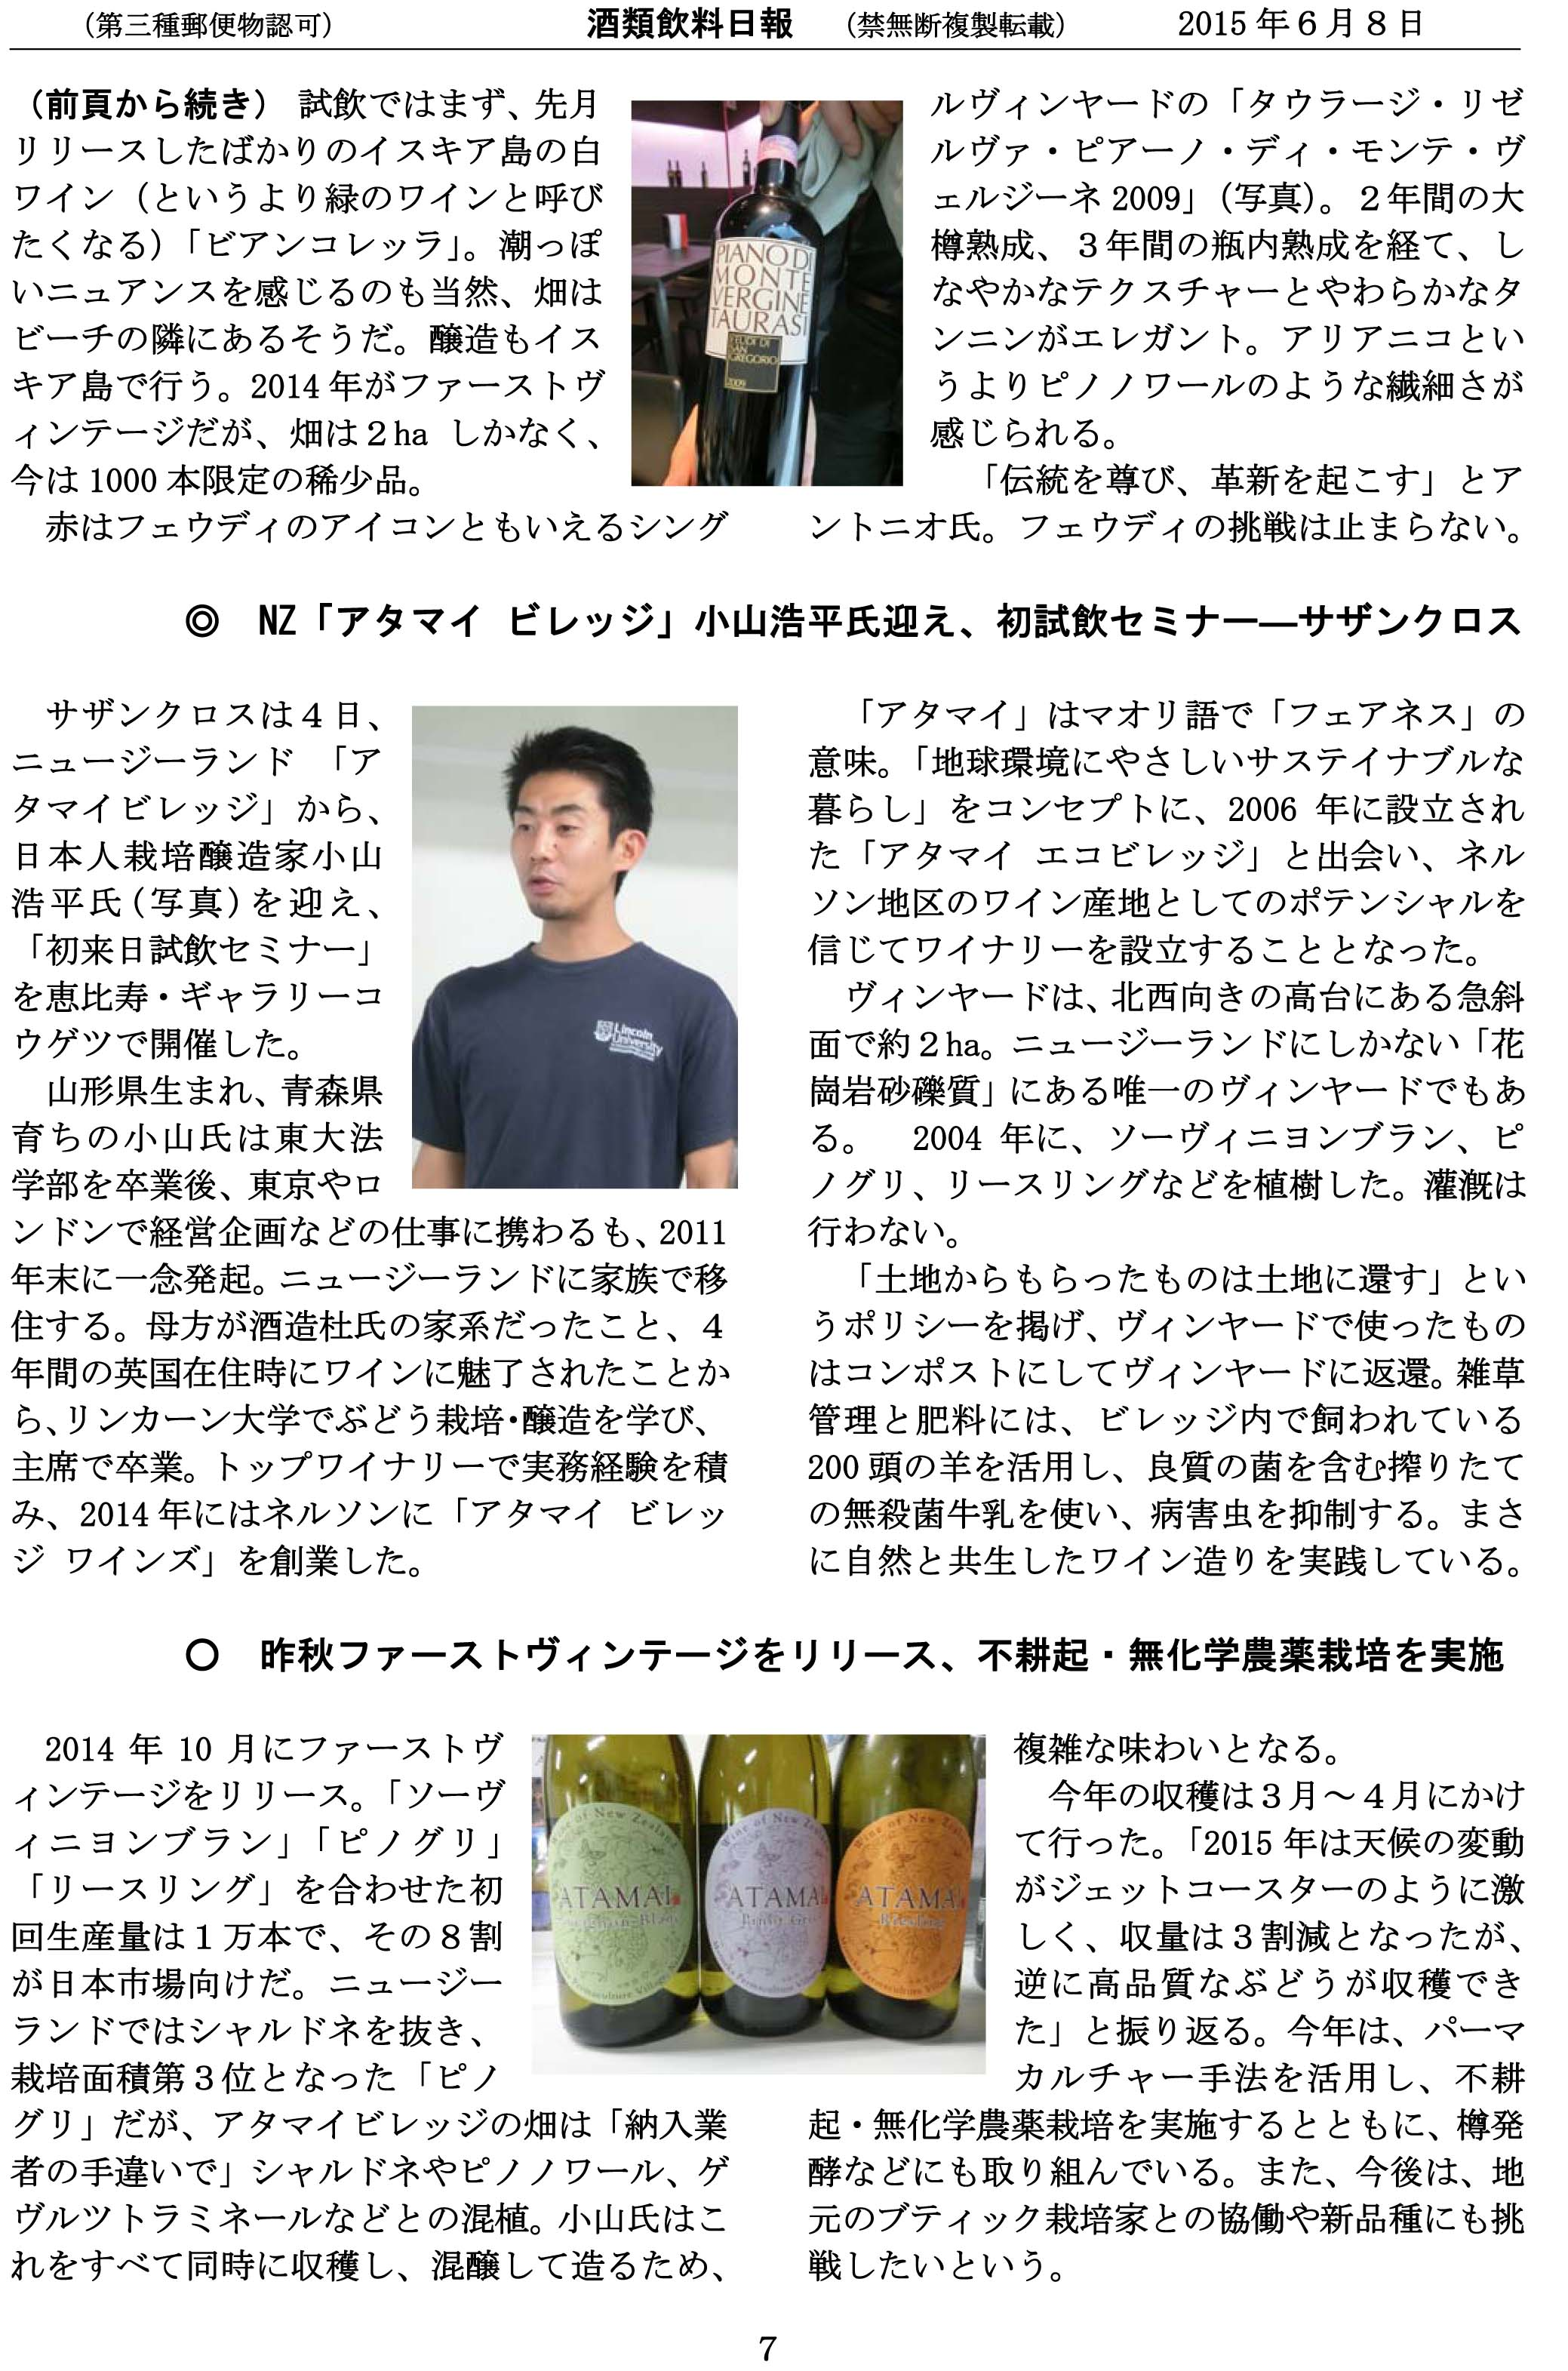 食品産業新聞 2015.6